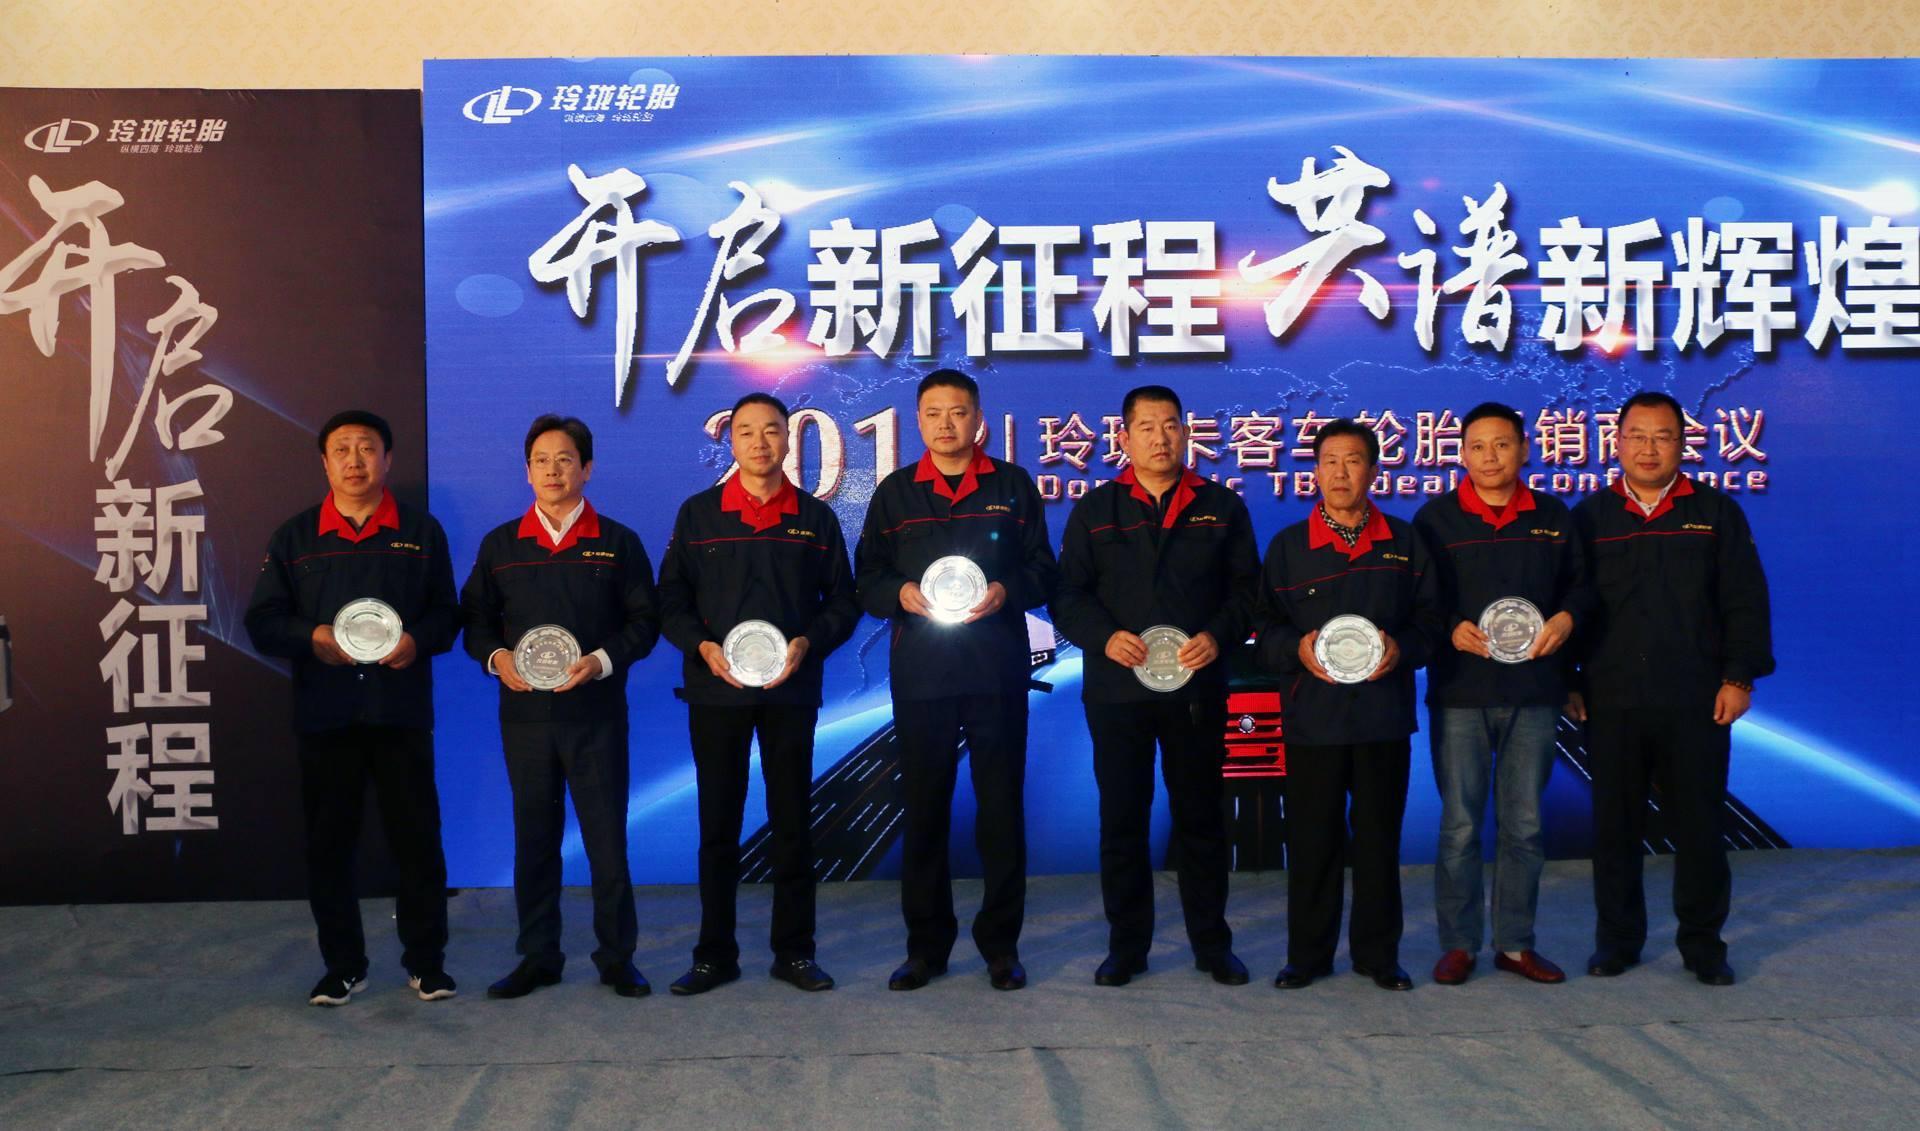 Стоимость бренда Linglong в 2017 году выросла до 4,6 миллиарда долларов